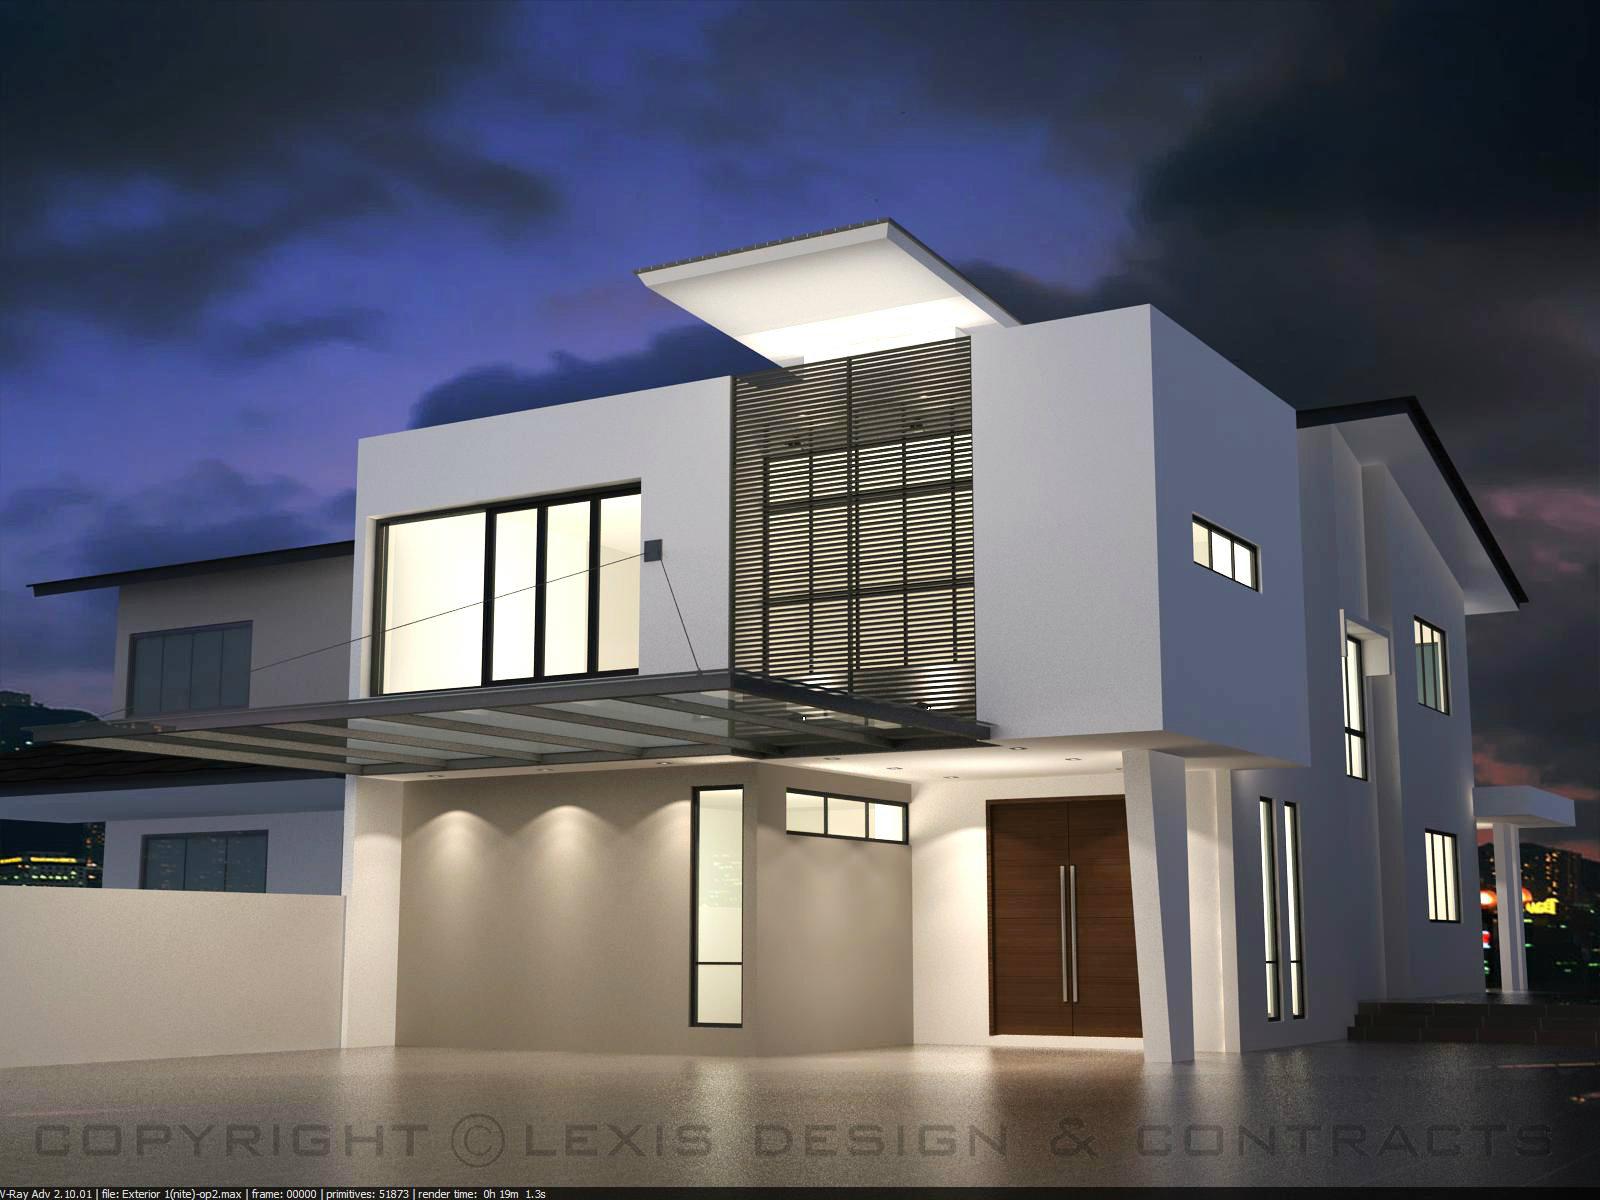 Exterior night view exterior design taman pelangi johor for Design hotel pandan indah